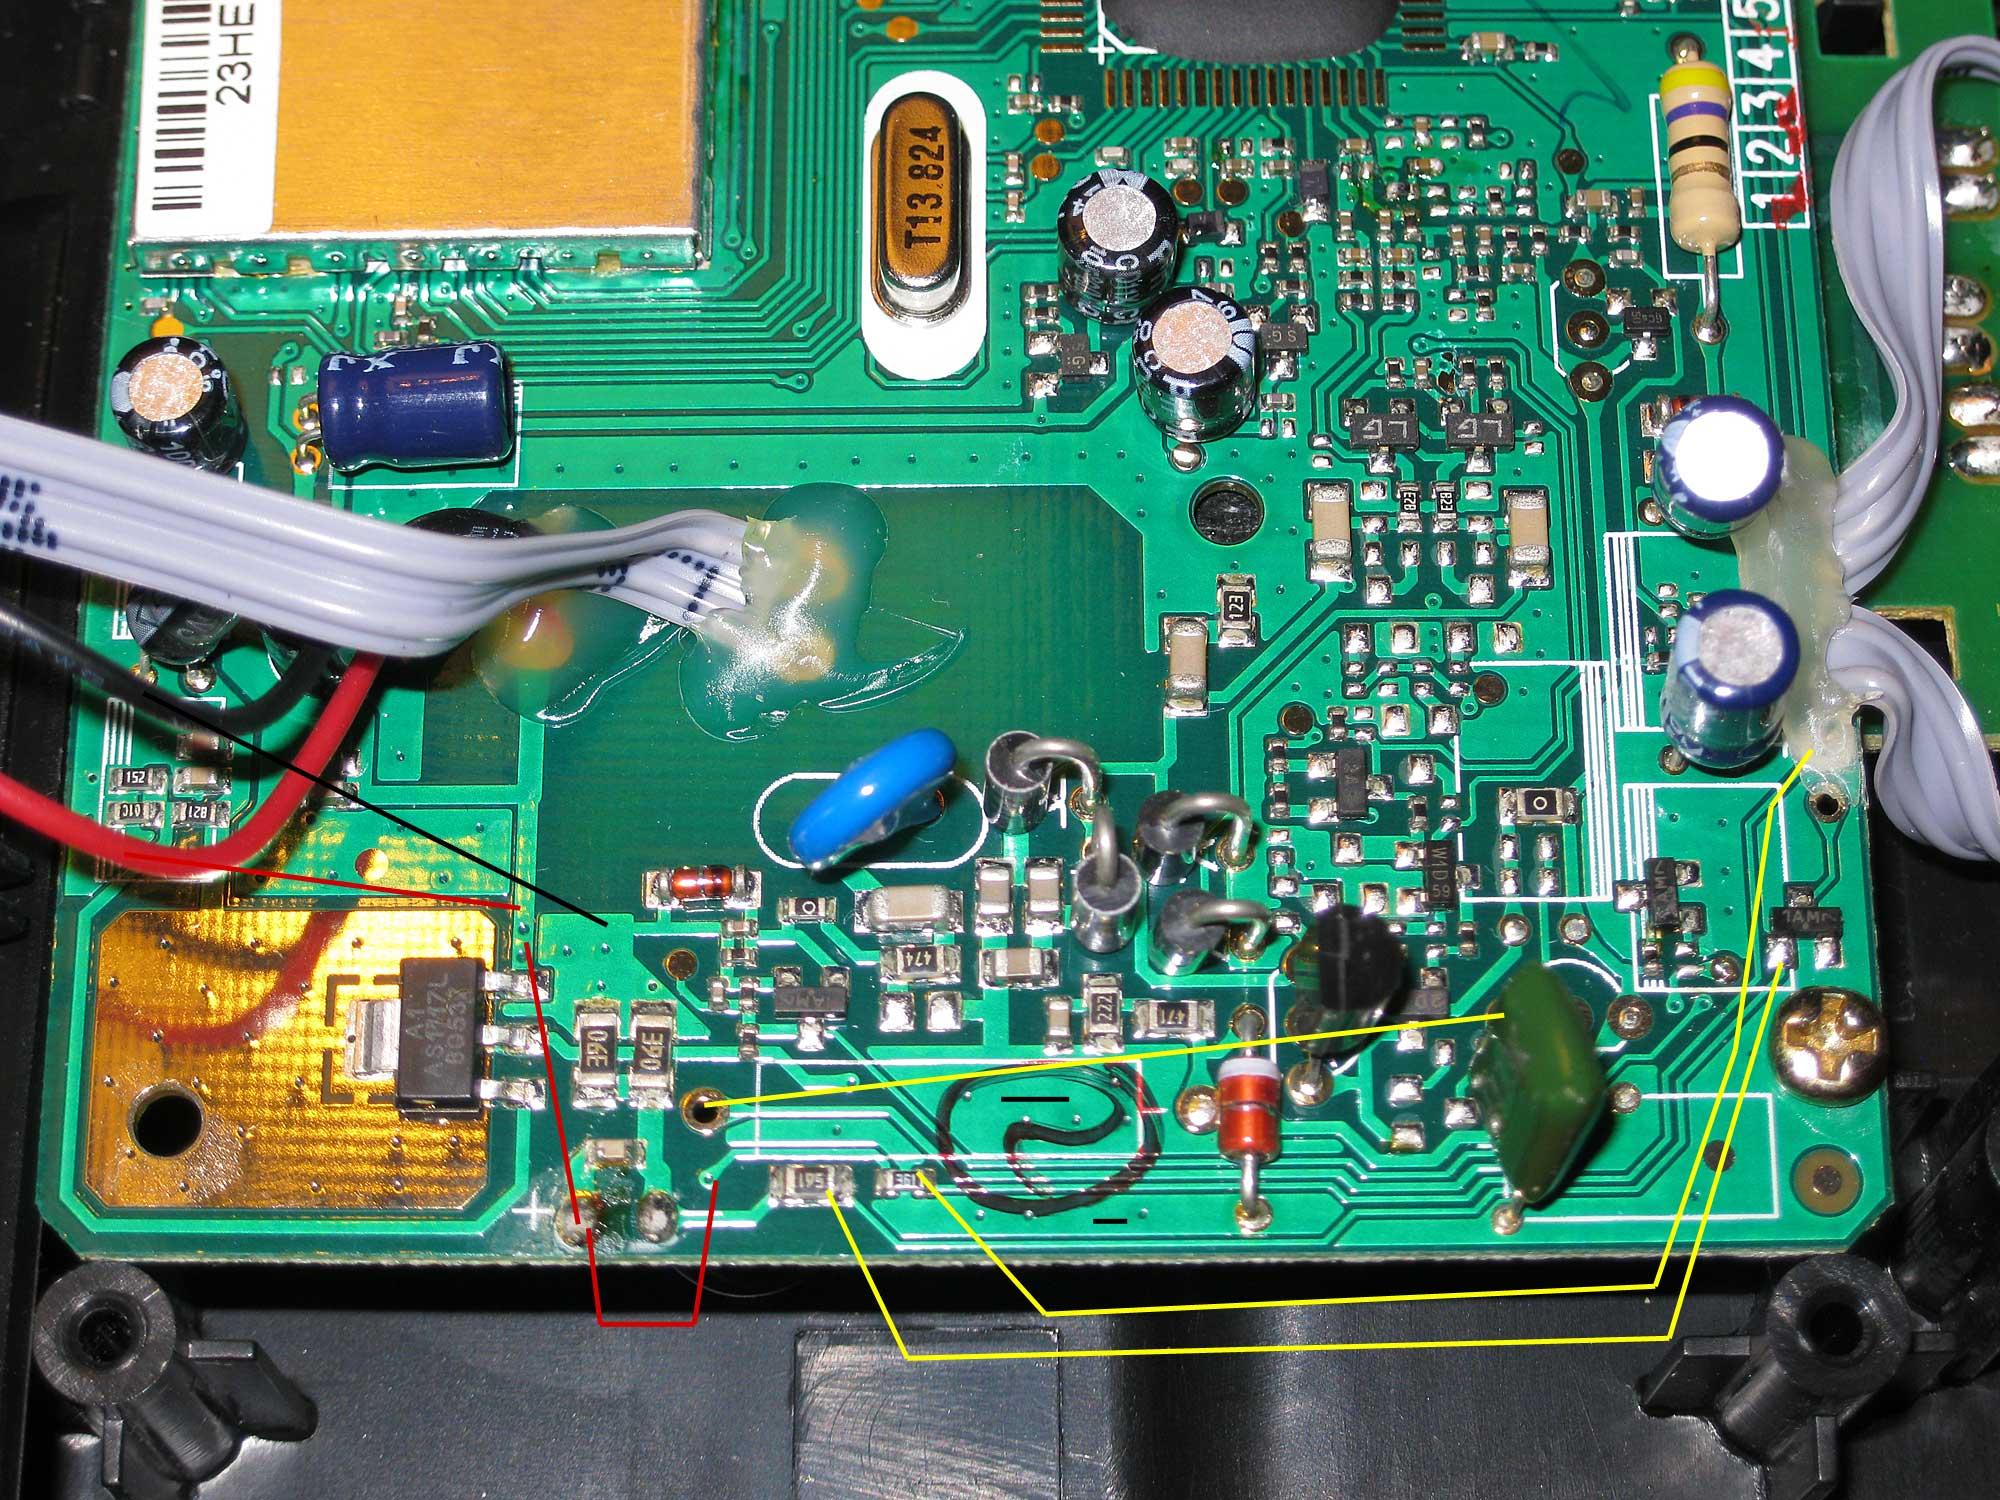 Thomson Alcatel - DECT ce21829CE4-A schemat - poprawa z�ego �adowania NiMh